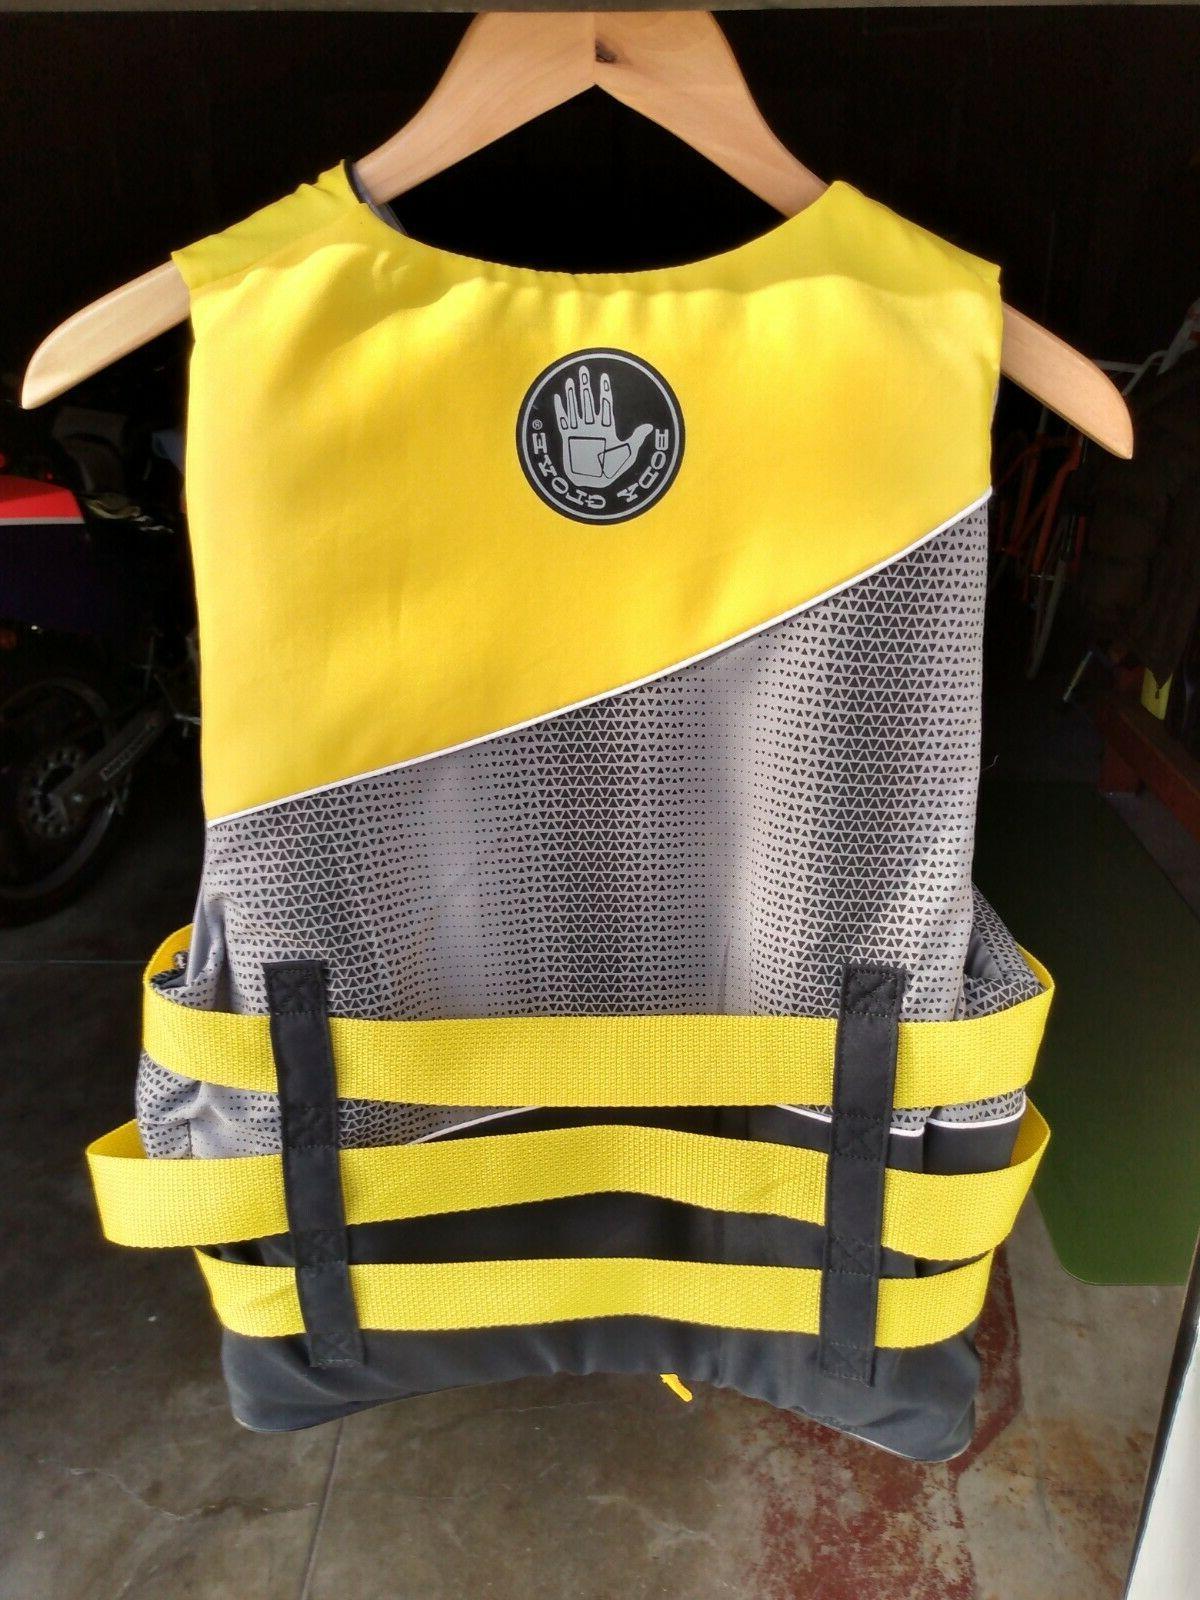 Body Glove Nylon Jacket Vest US Guard Excellent